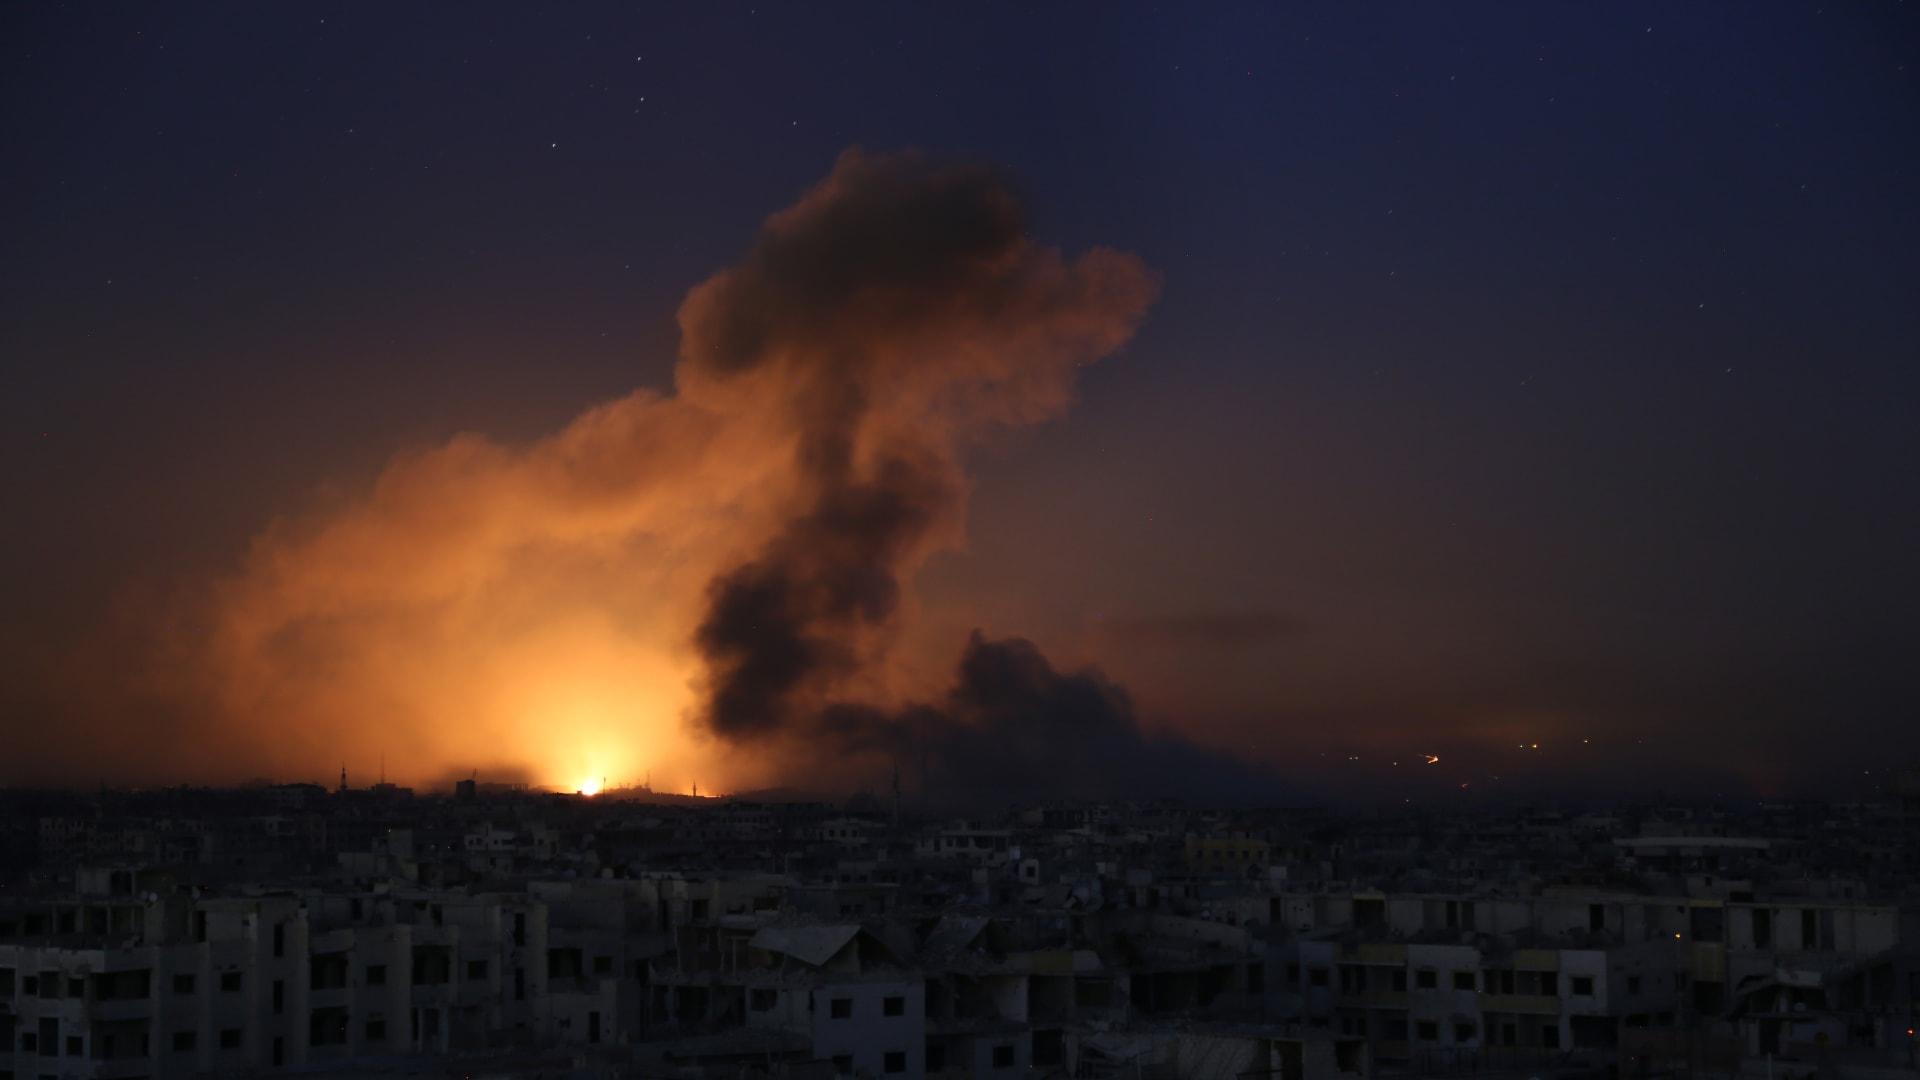 إسرائيل تقصف سوريا.. وسماع دوي انفجارات في دمشق